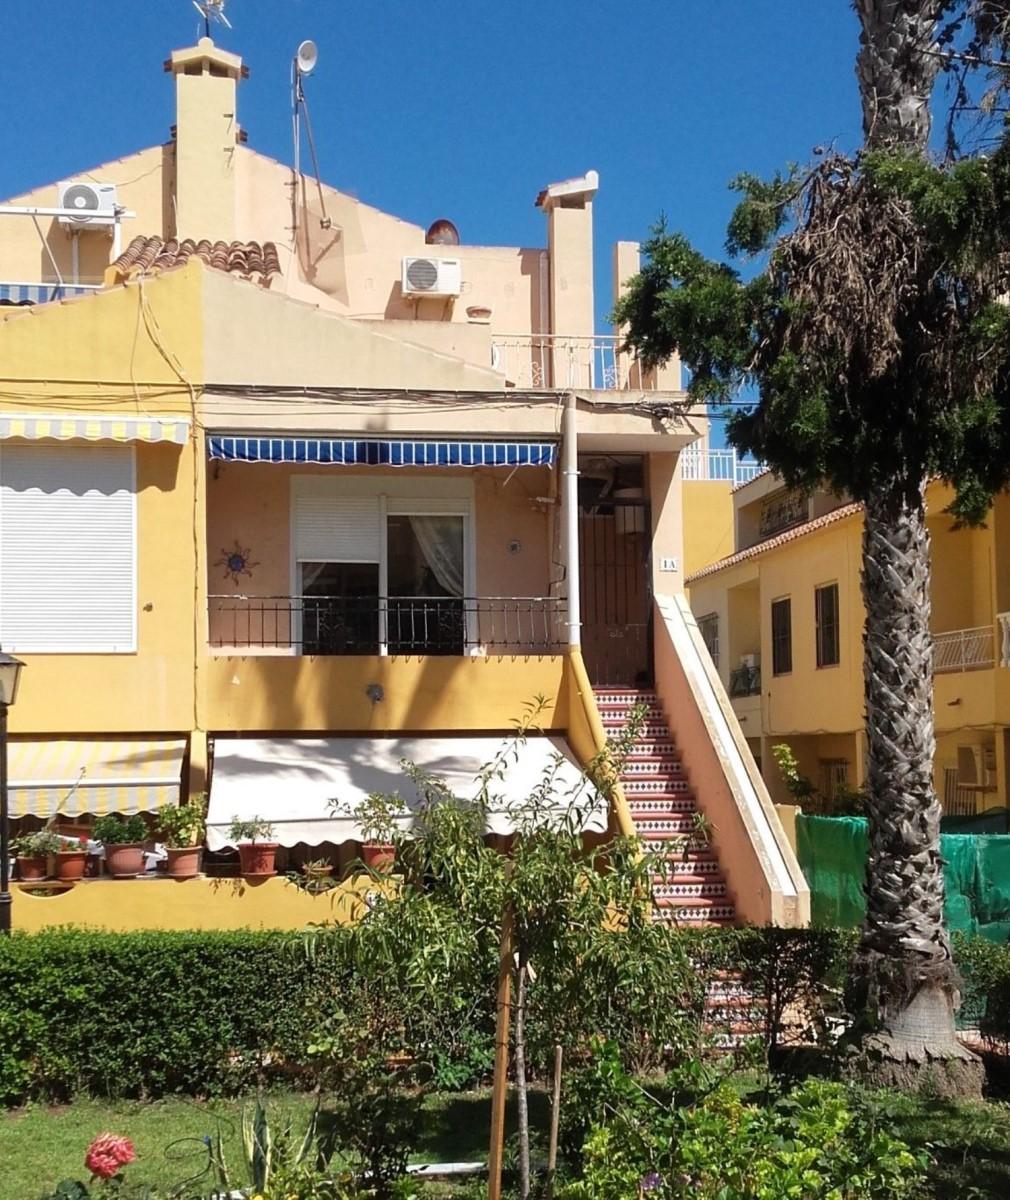 Atico en Venta en El Acequión - Los Naúfragos, Torrevieja